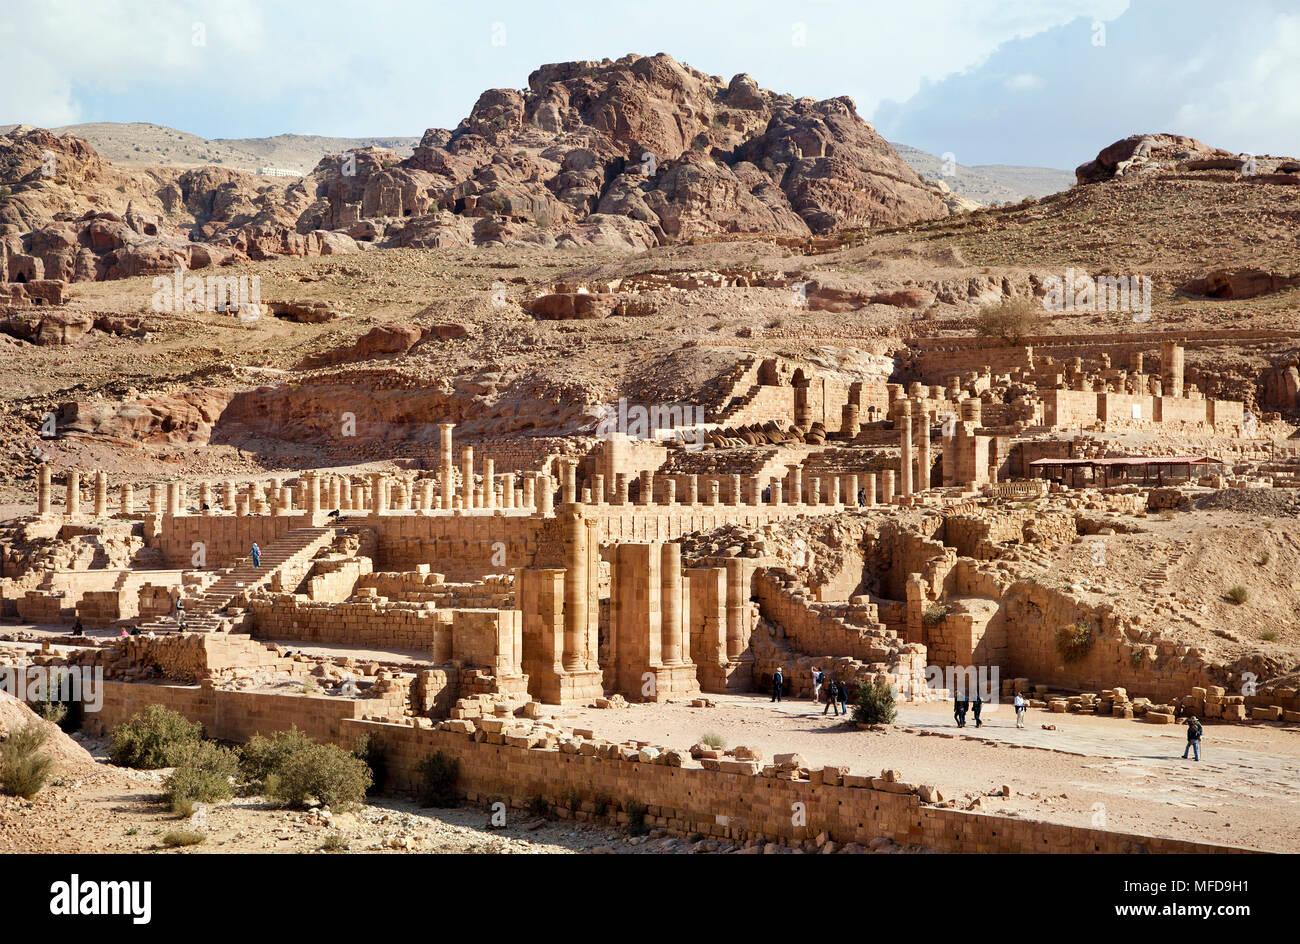 Vue panoramique de la rue Colonnade, les ruines du Grand Temple et la porte de Temenos dans la ville antique de Petra, Jordanie Photo Stock